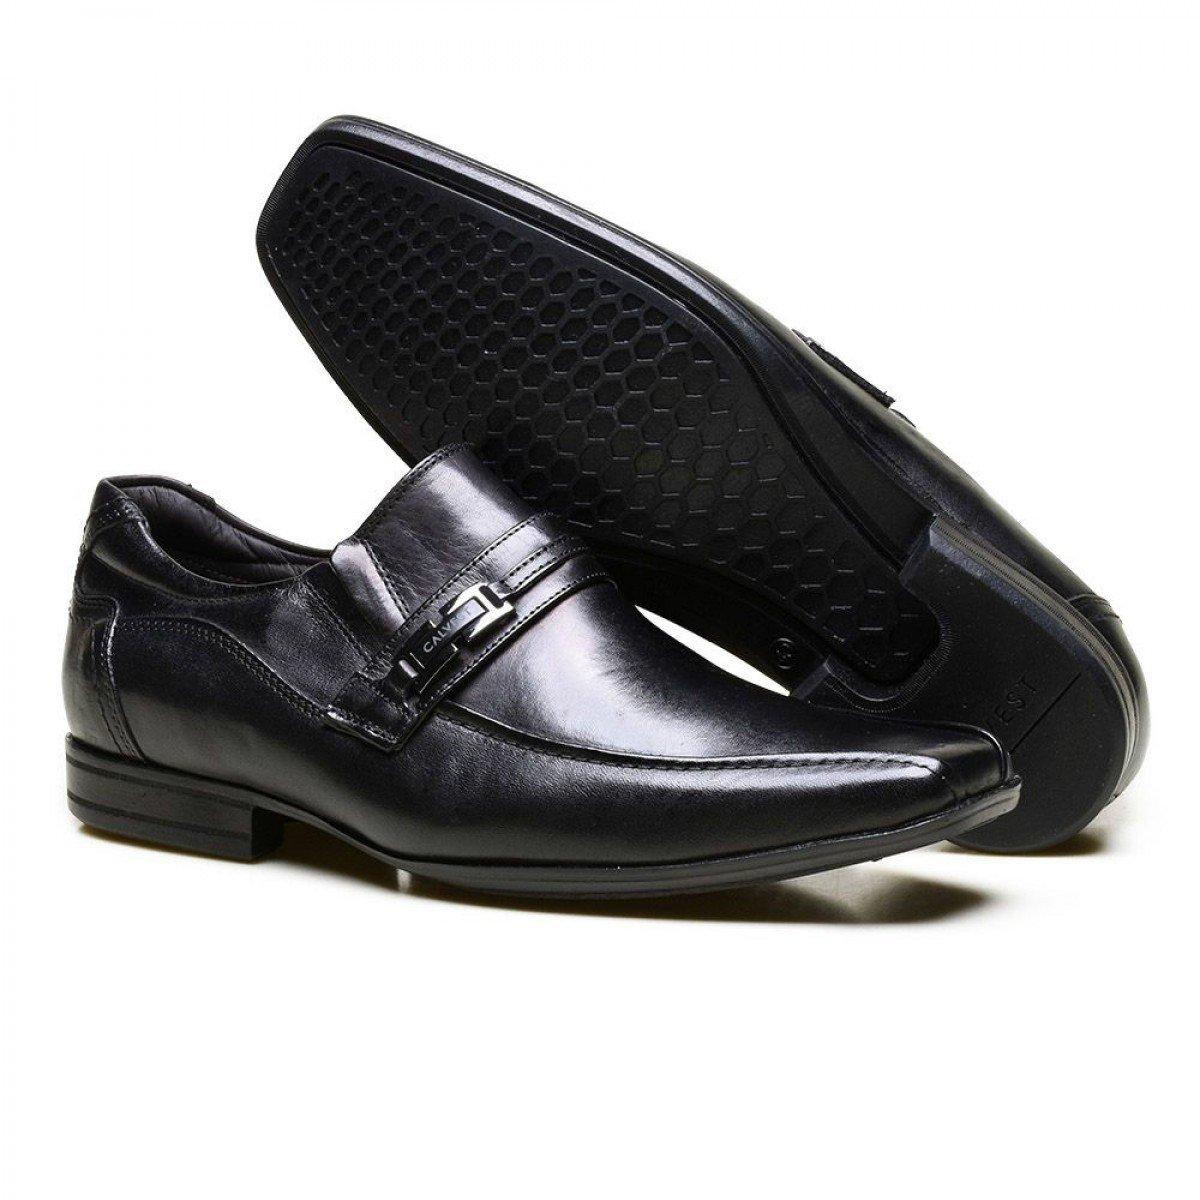 13dd3ba413 Sapato Social Calvest Em Couro E Metal Onix Kit 5 em 1 - Preto ...